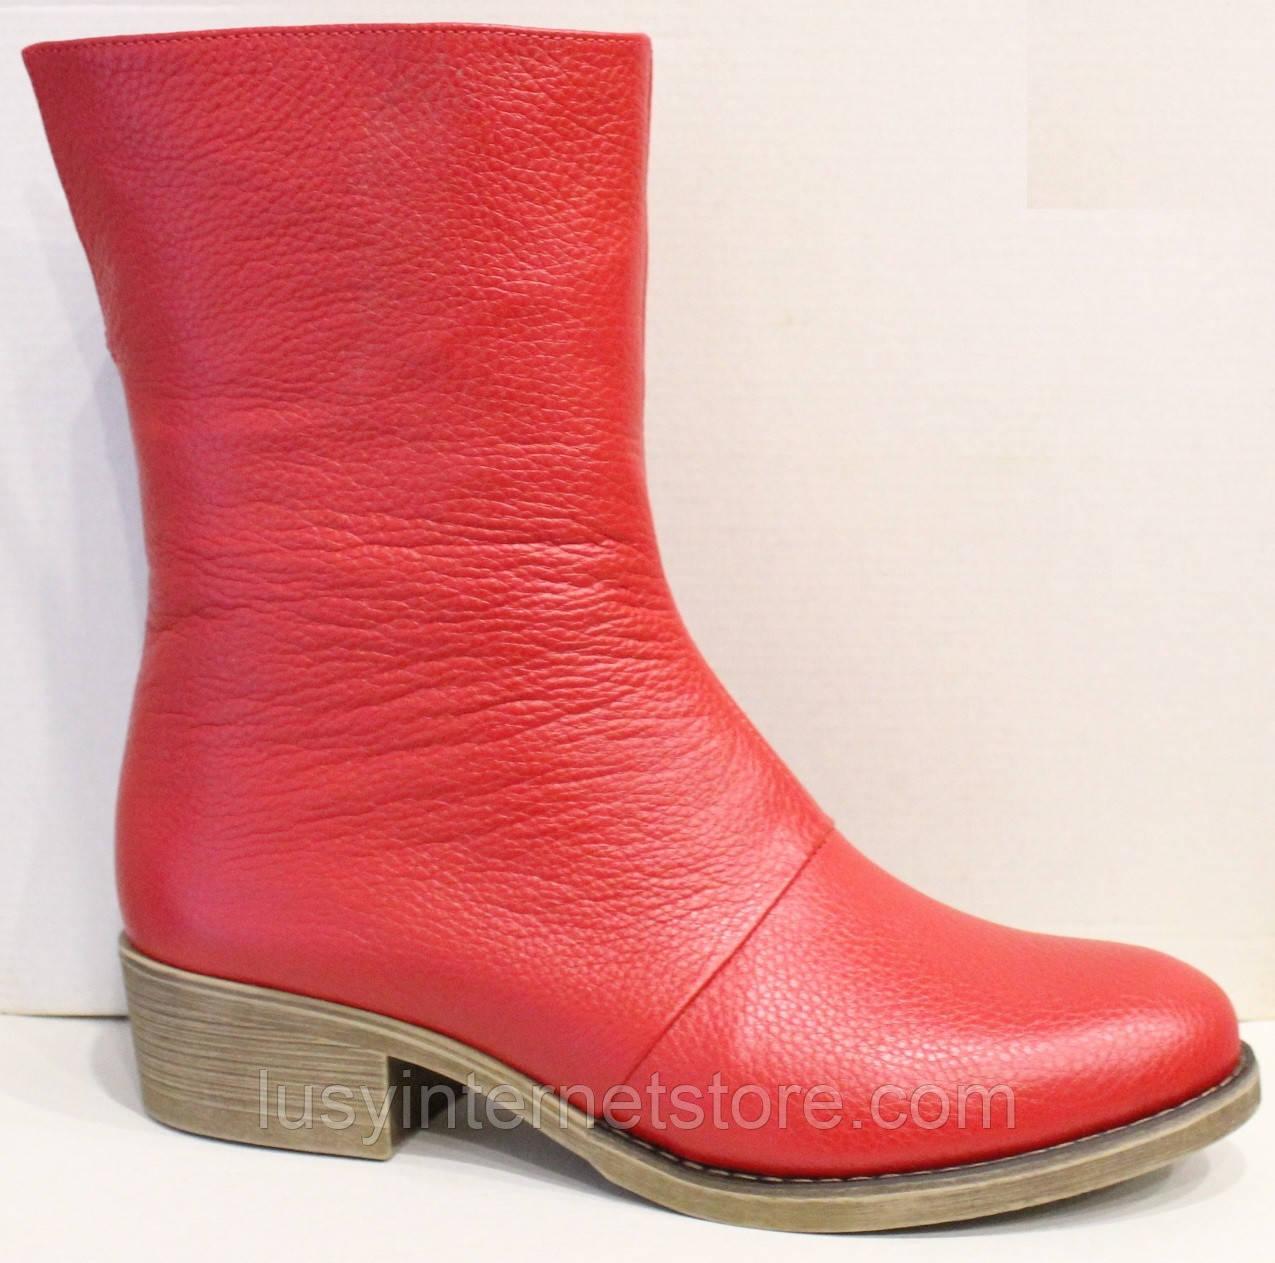 Сапожки женские кожаные красные от производителя модель РИ111М-1